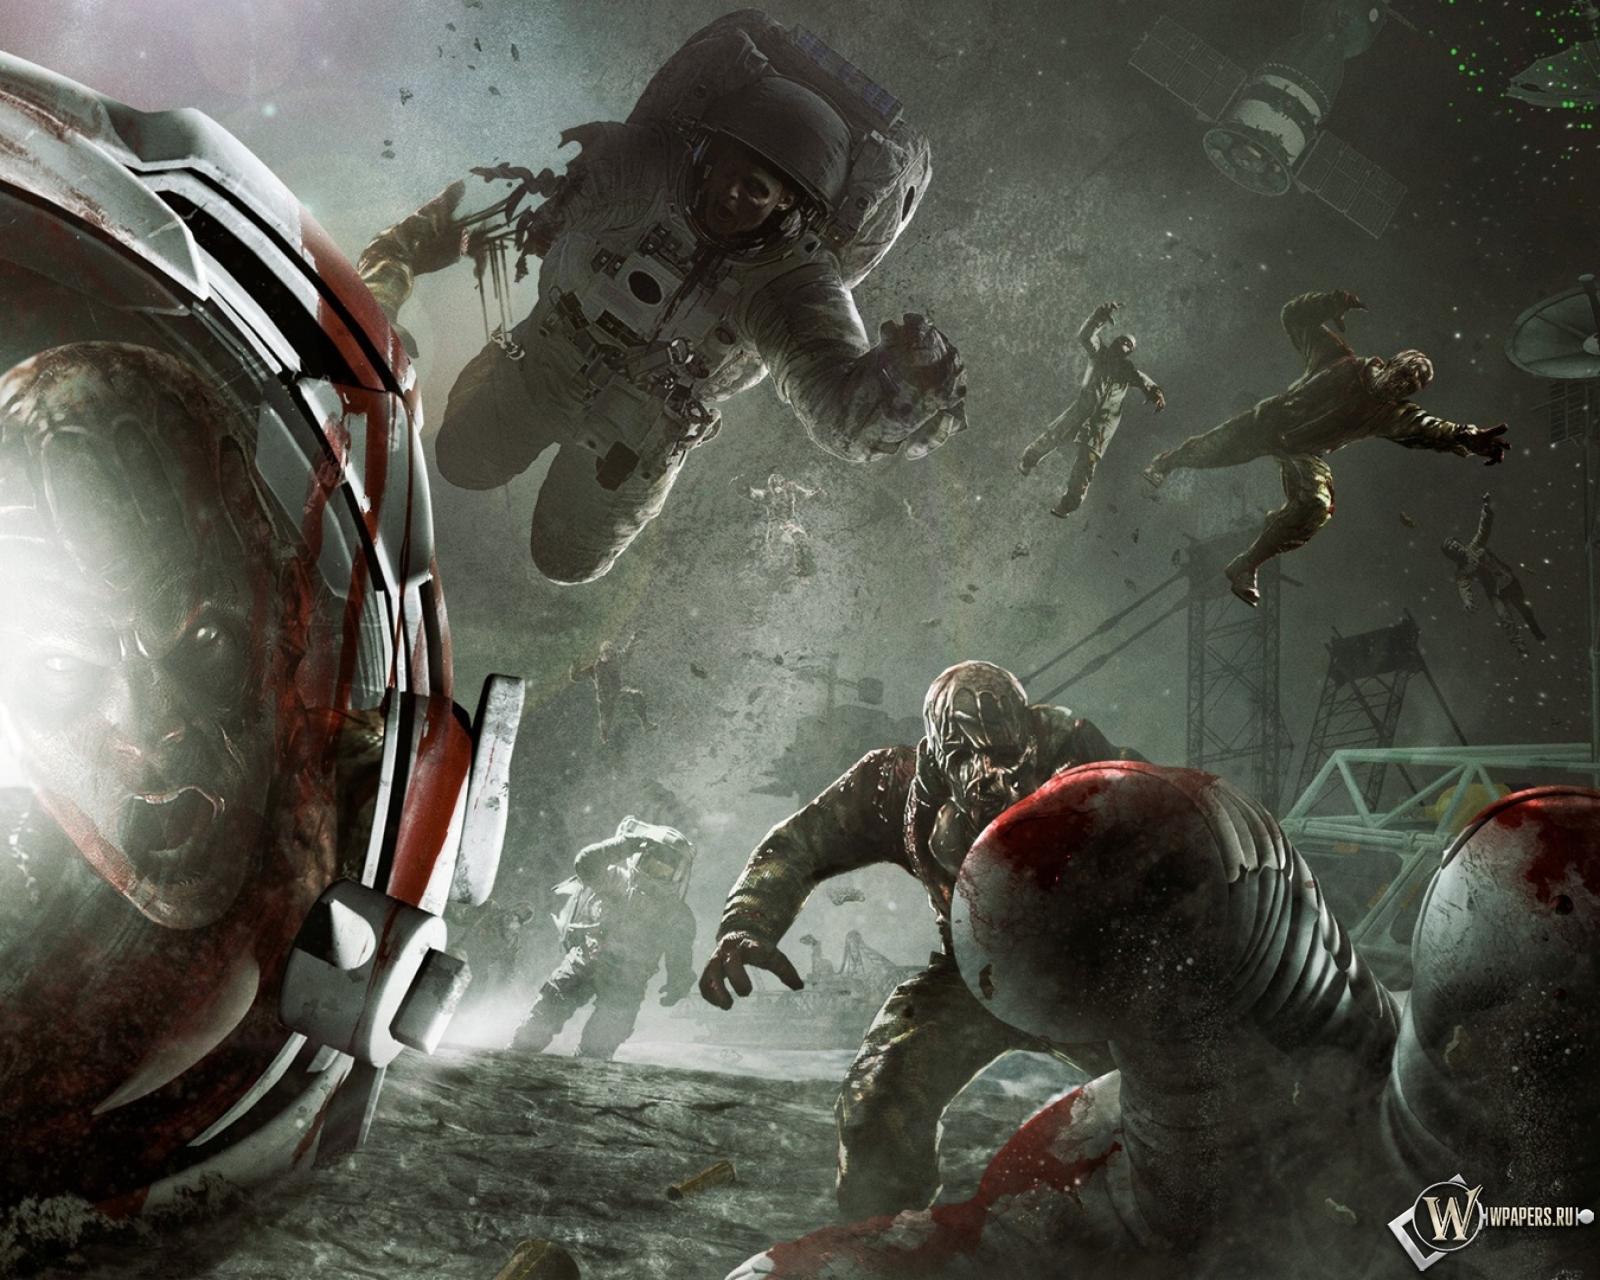 Обои зомби в космосе на рабочий стол с